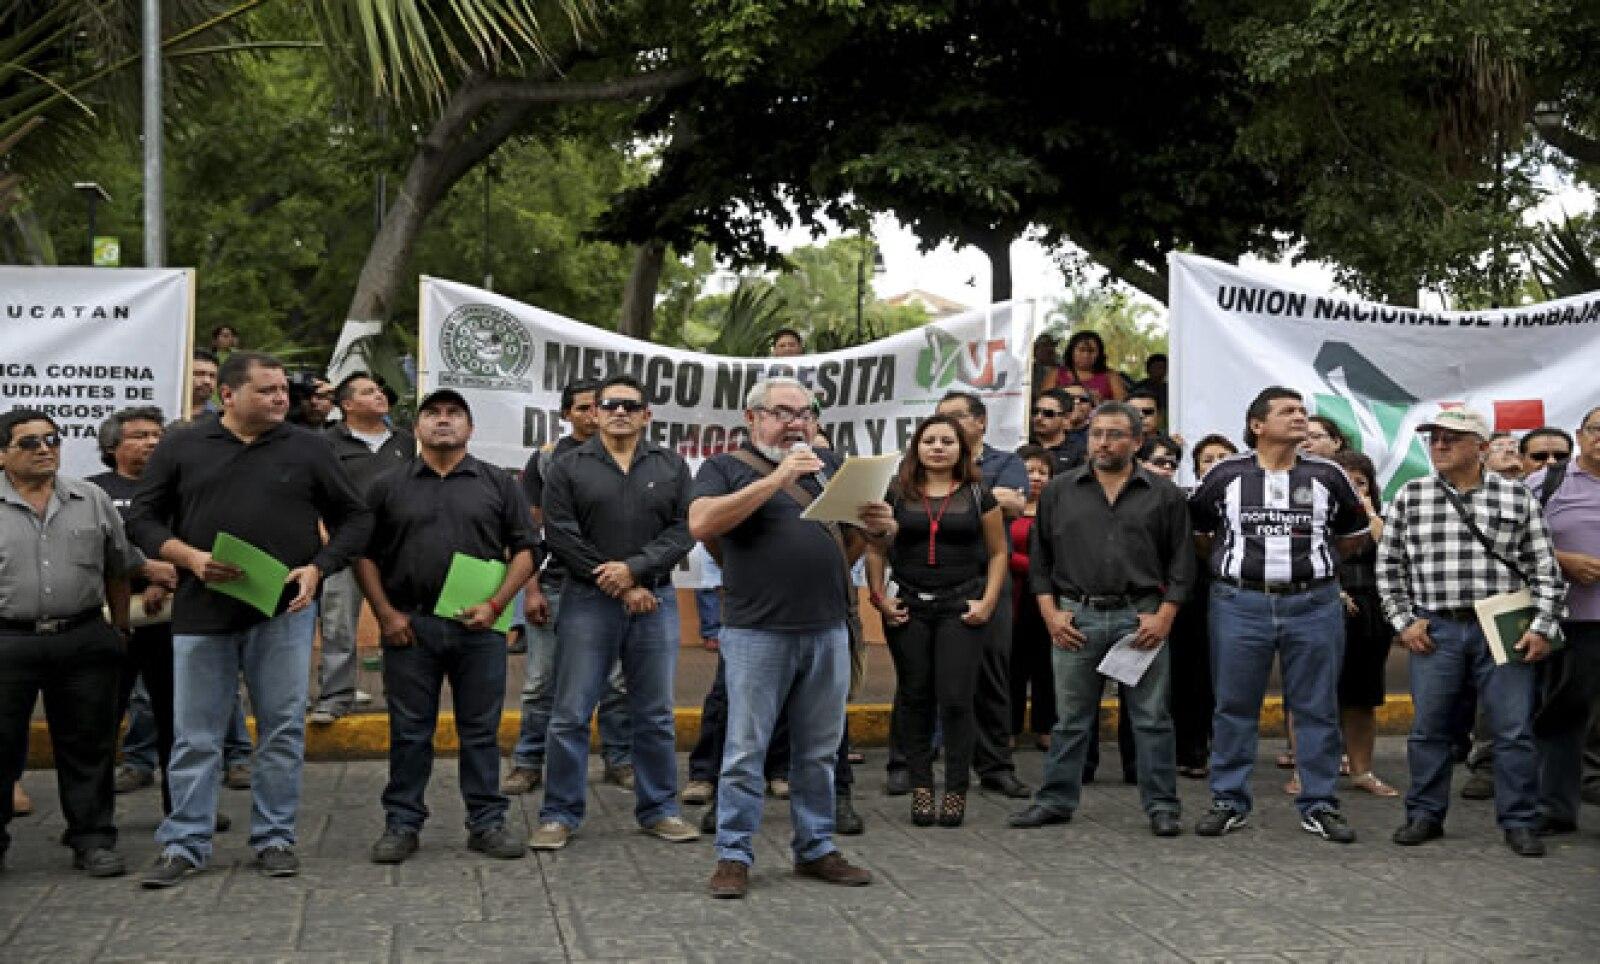 Aproximadamente 300 personas del Frente Amplio Social, de la Unión Nacional de Trabajadores de la República Mexicana se manifestaron vestidos de negro a las afueras del Palacio de Gobierno de esa localidad.